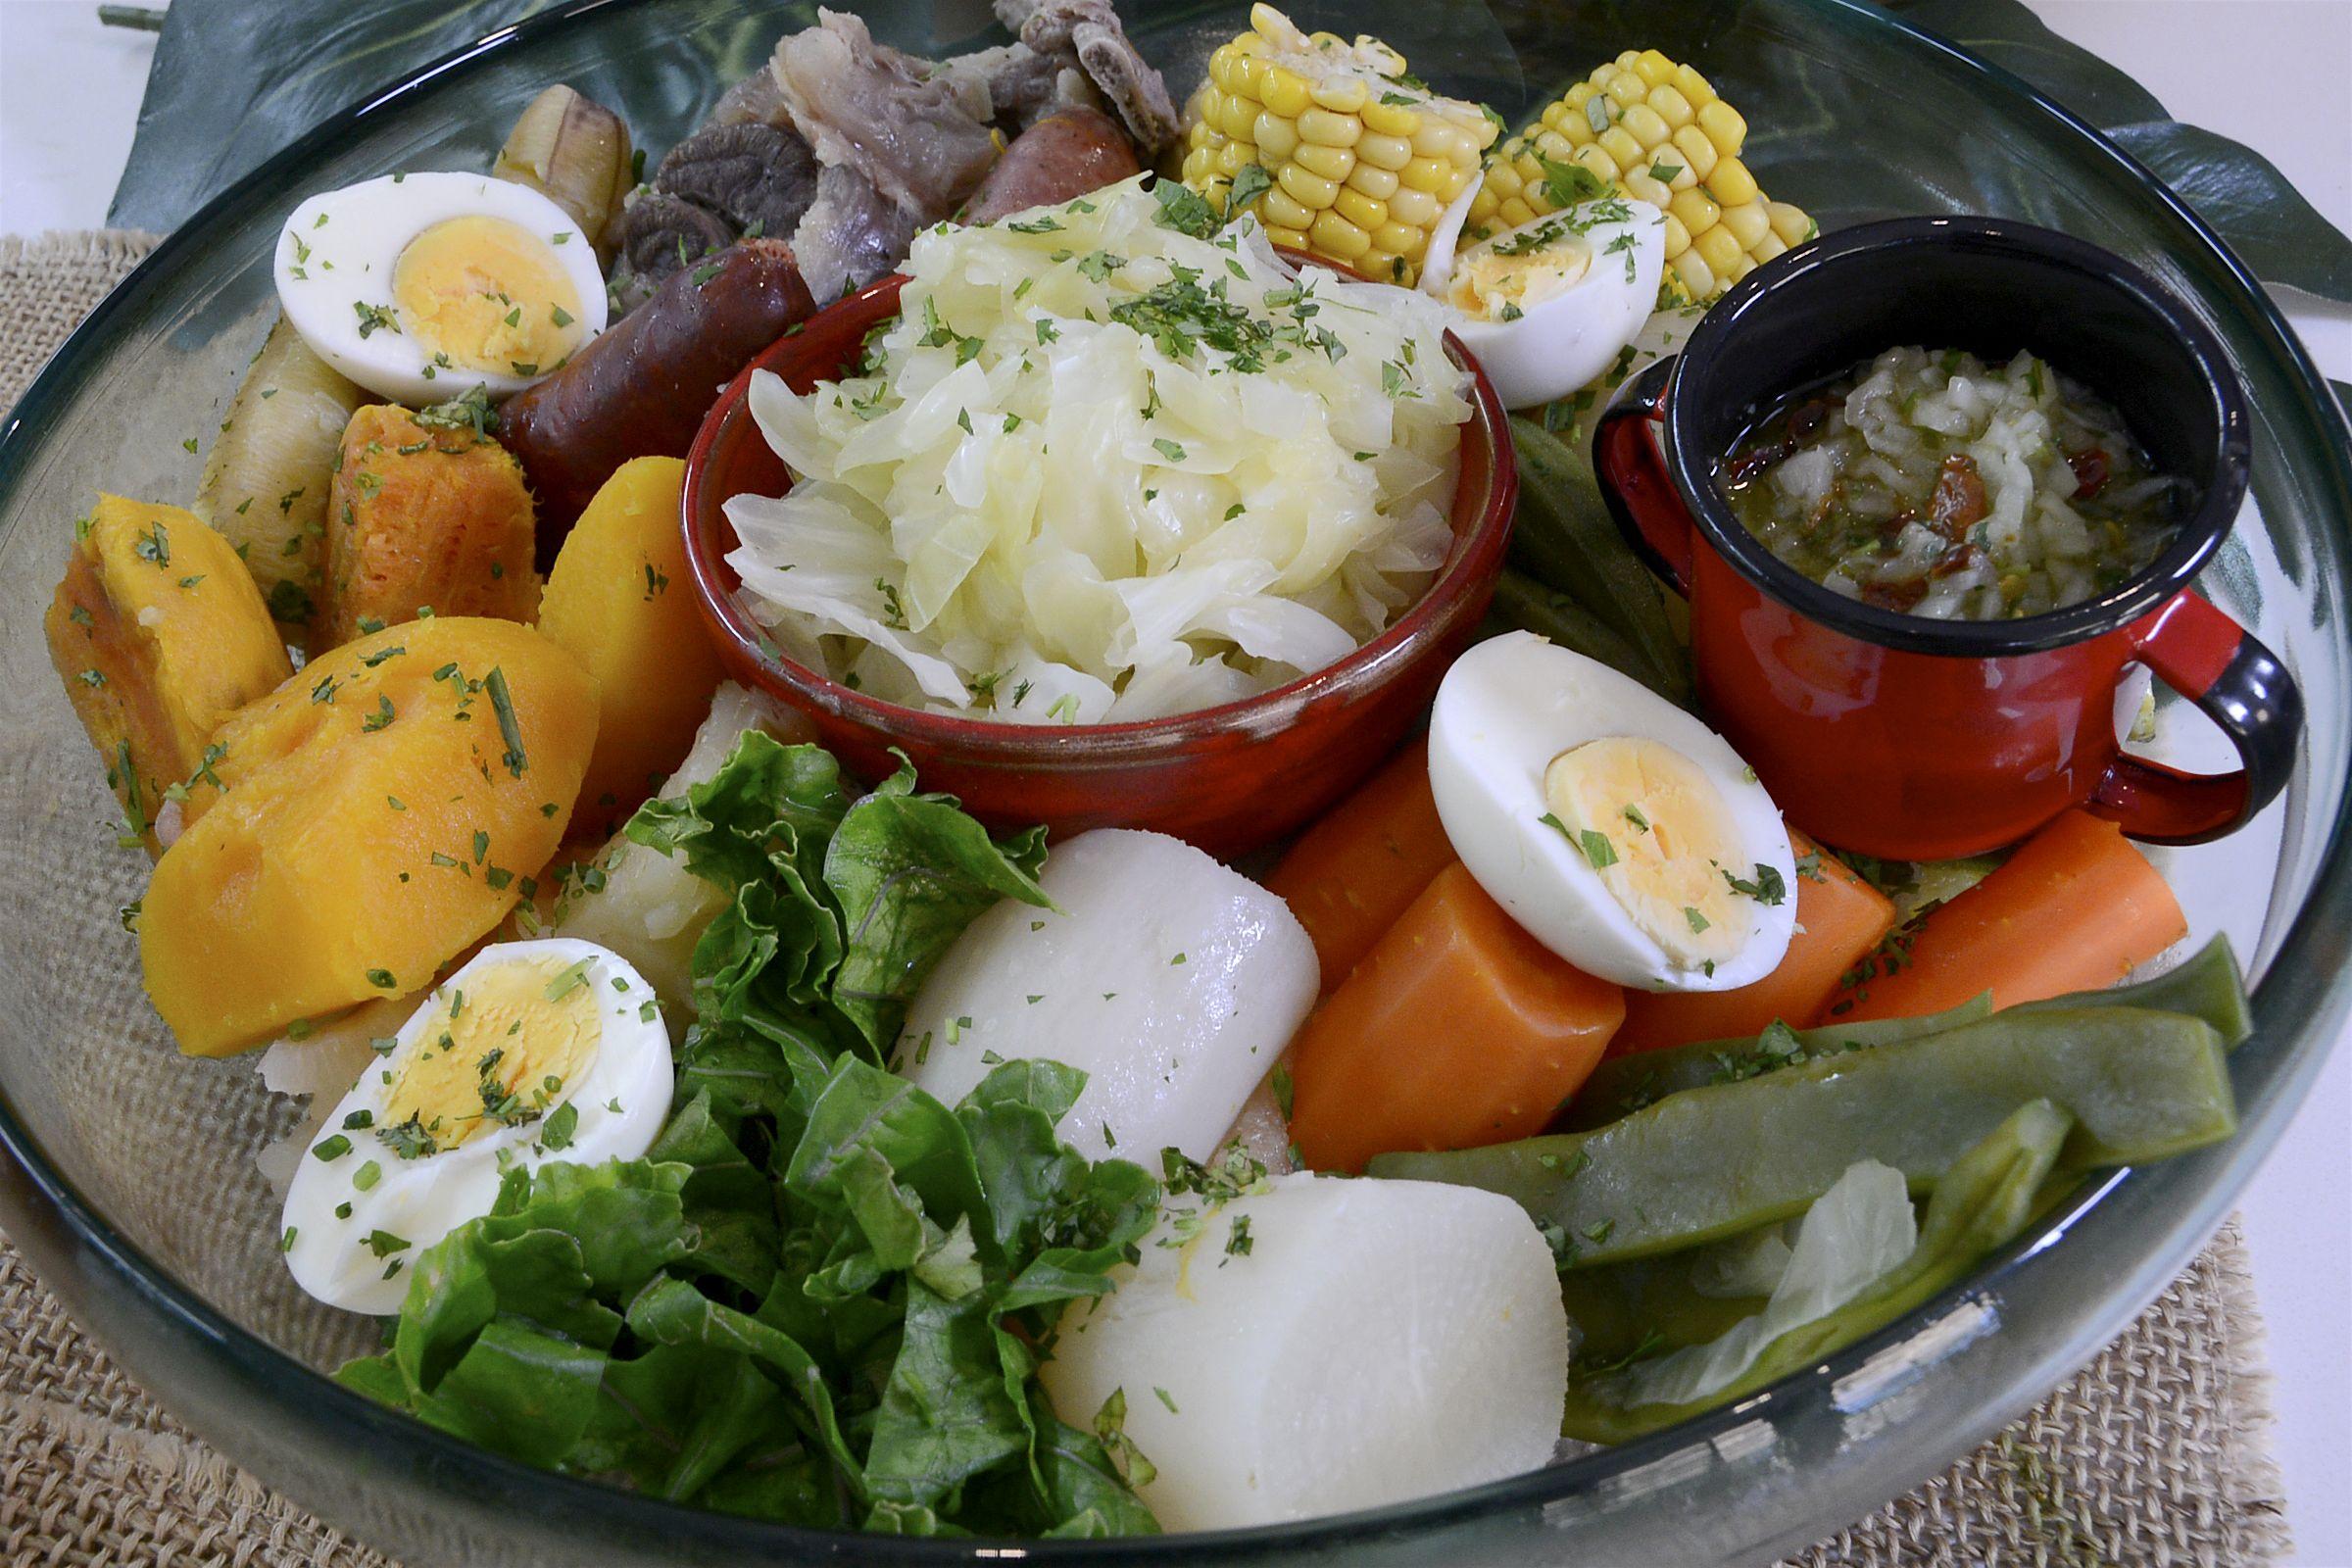 Cocido a la brasileña con pirão (Cocido a la brasileña con carnes saladas, arroz y pirão) http://www.canalcocina.es/receta/cocido-a-la-brasilena-con-pirao-cocido-a-la-brasilena-con-carnes-saladas-arroz-y-pirao